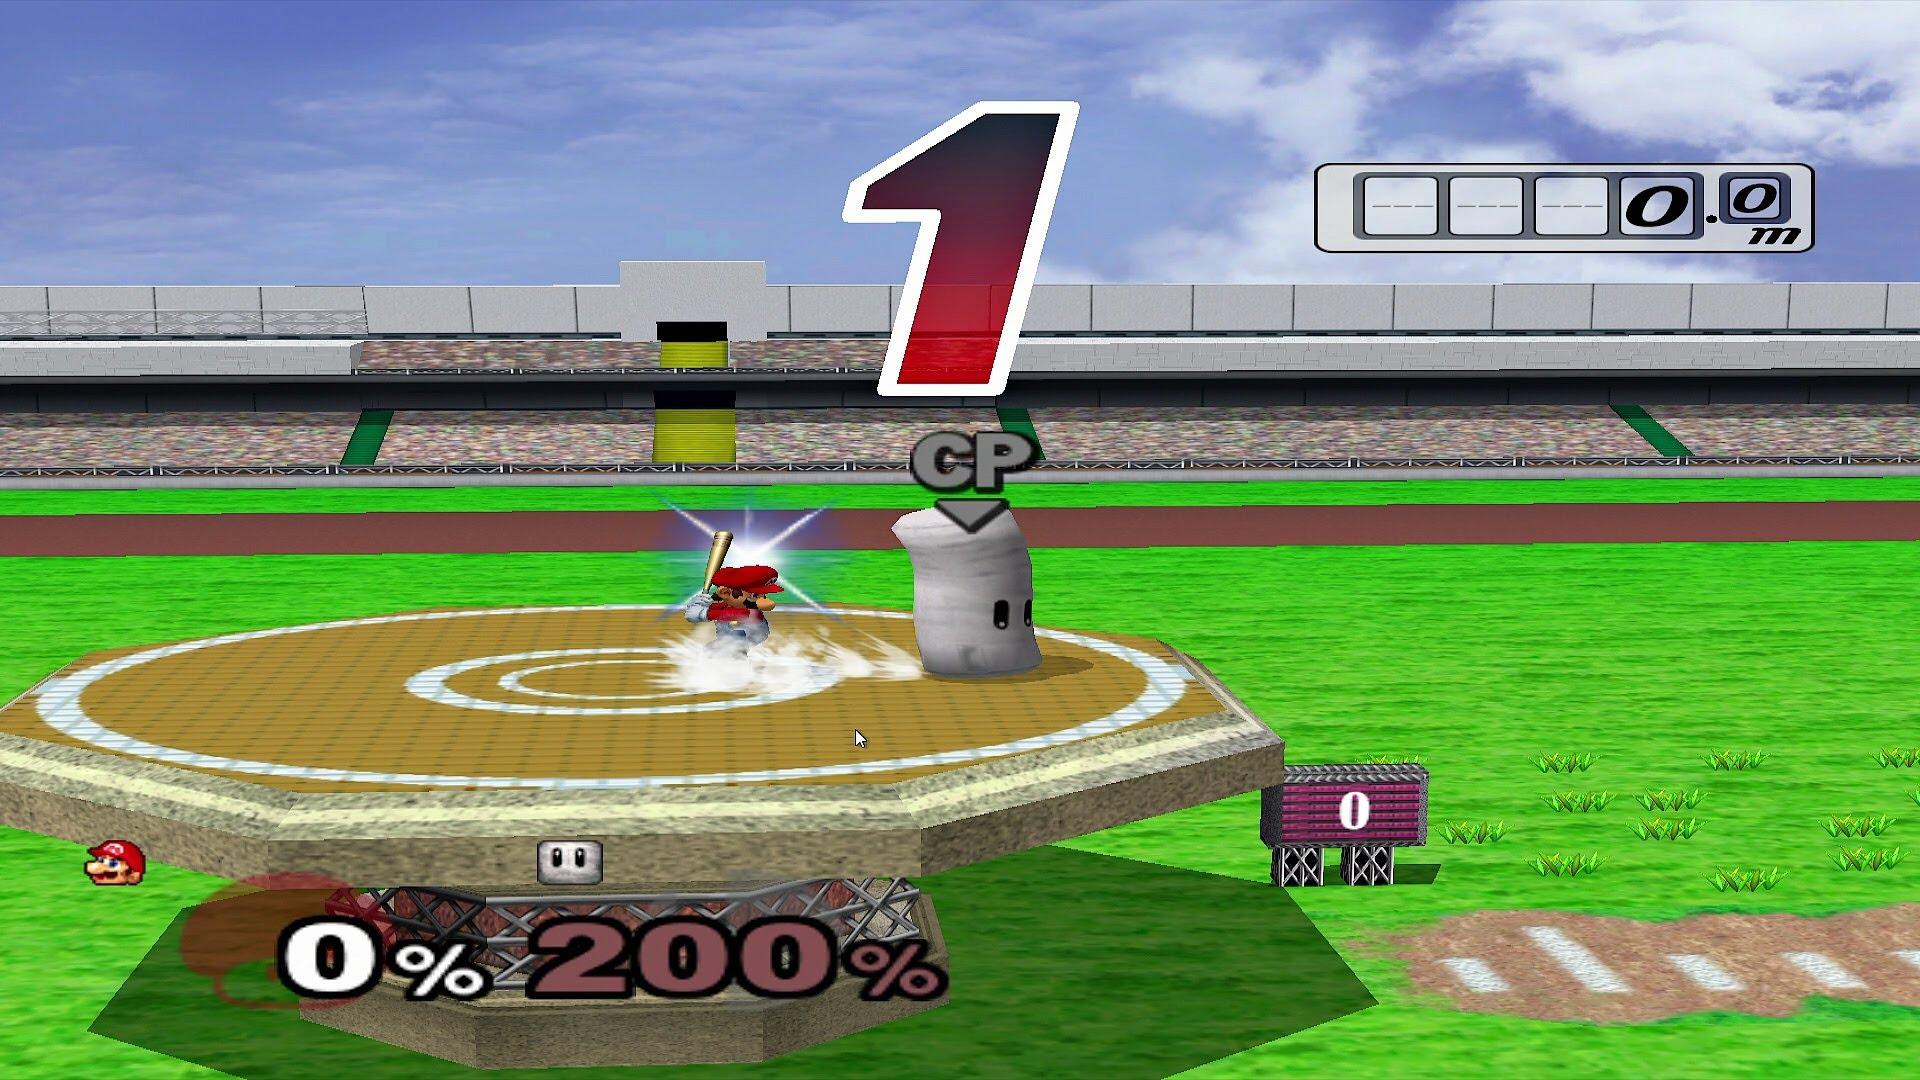 Man beats Smash Melee world record that he set when he was 16 screenshot